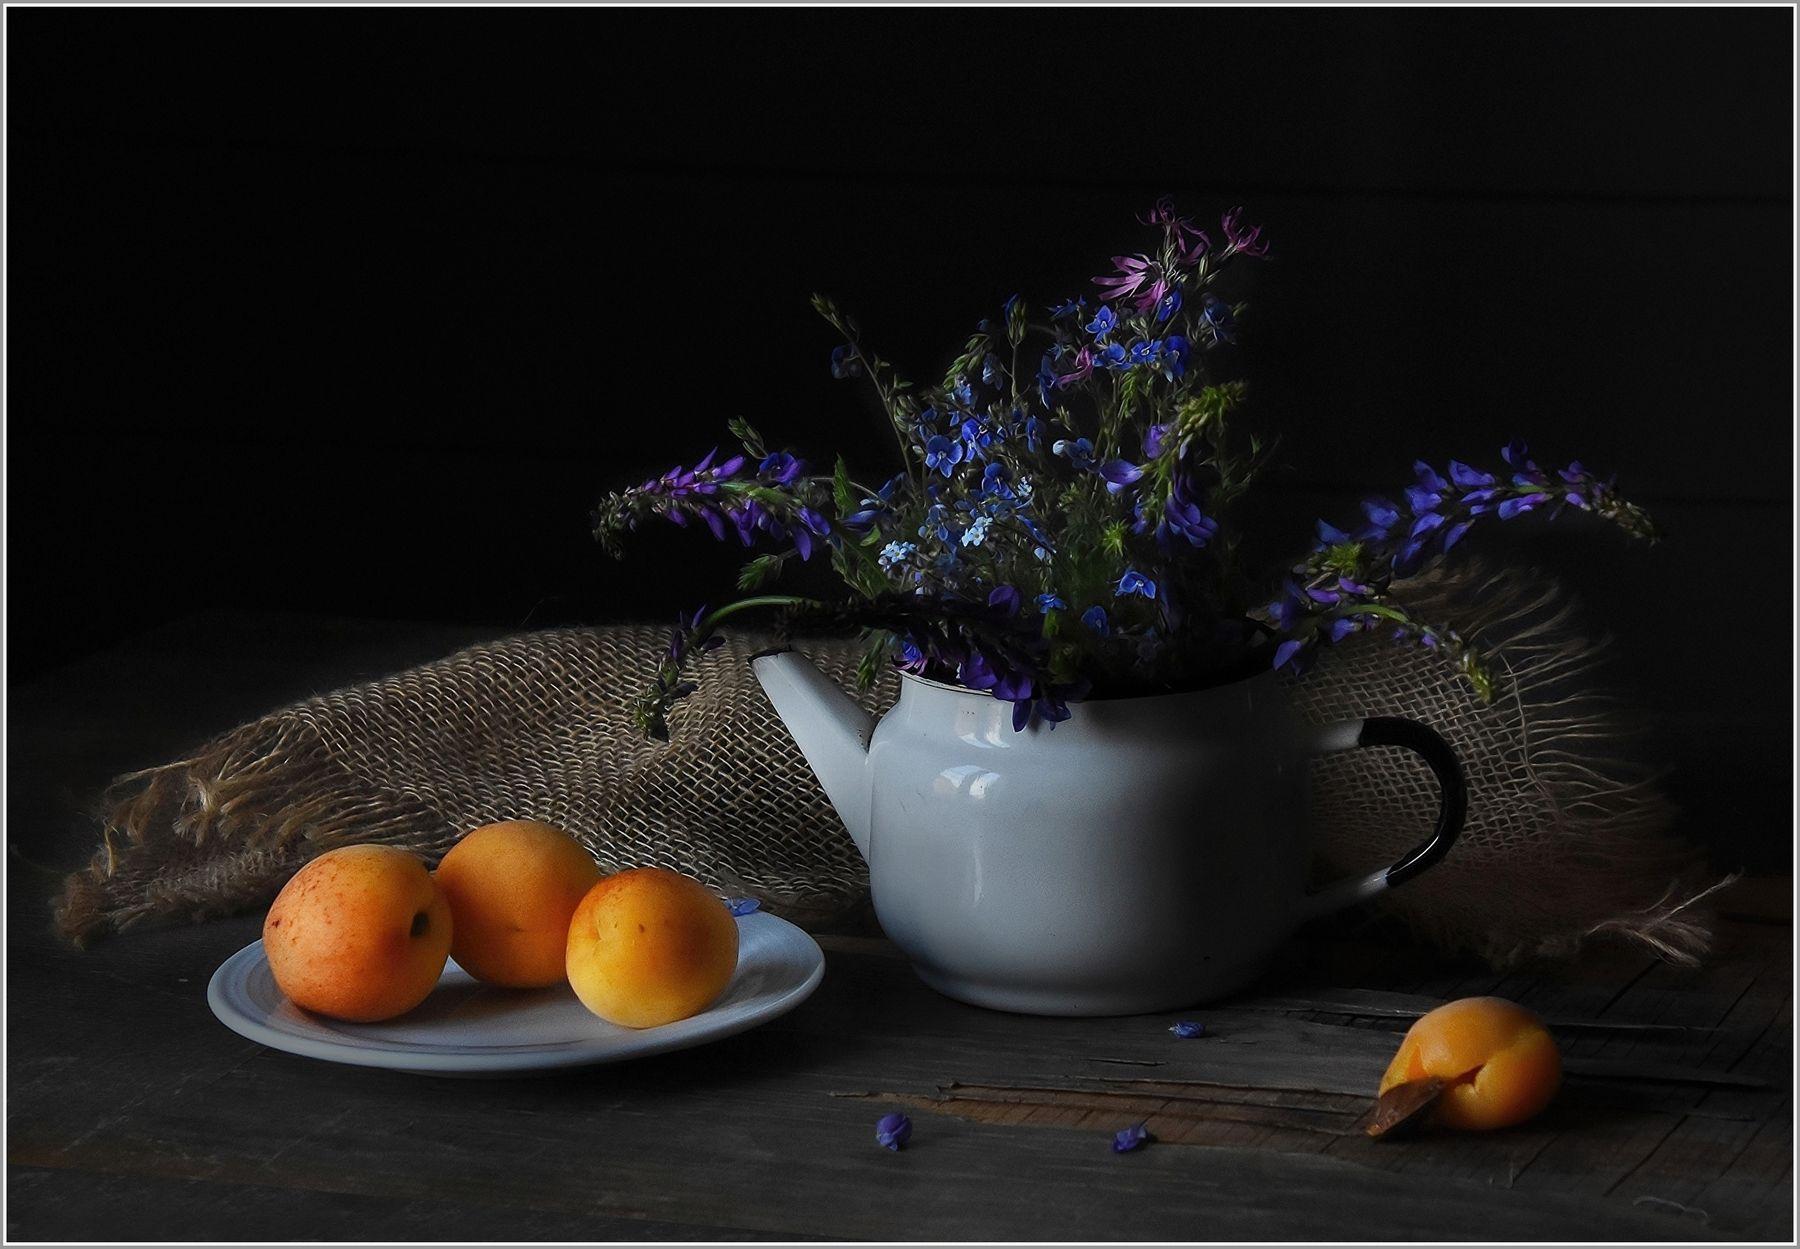 ...... Абрикосы ... предметы композиция фрукты свет идея